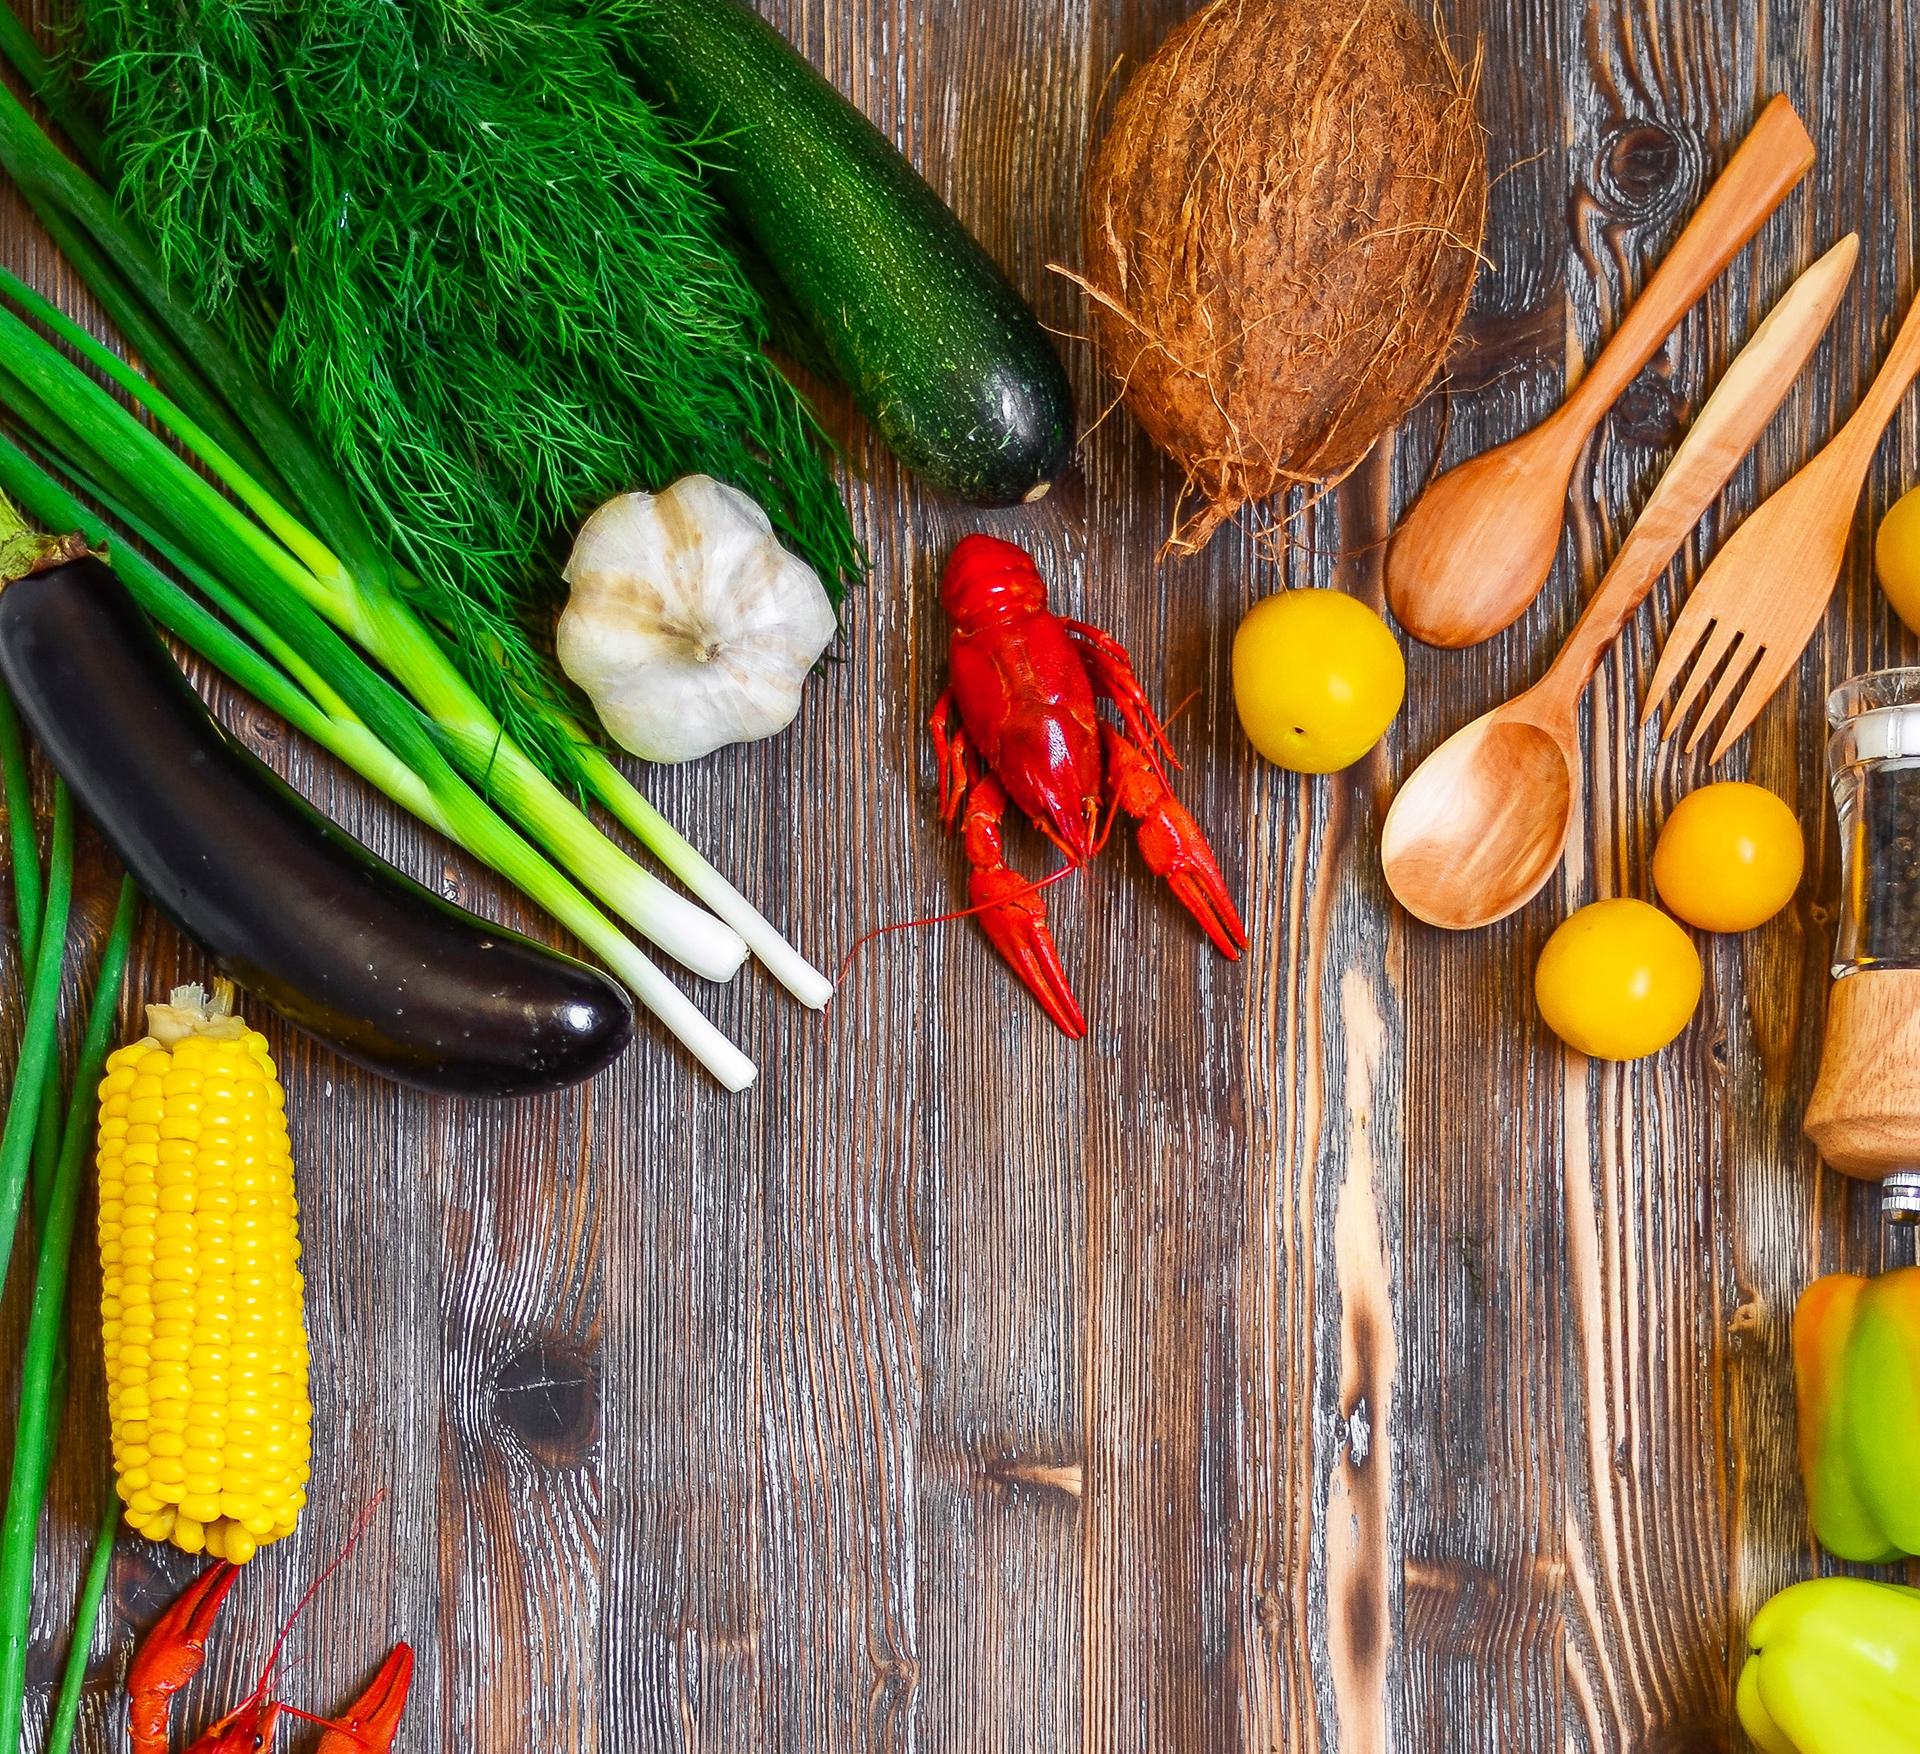 recetas de cocina caseras fáciles